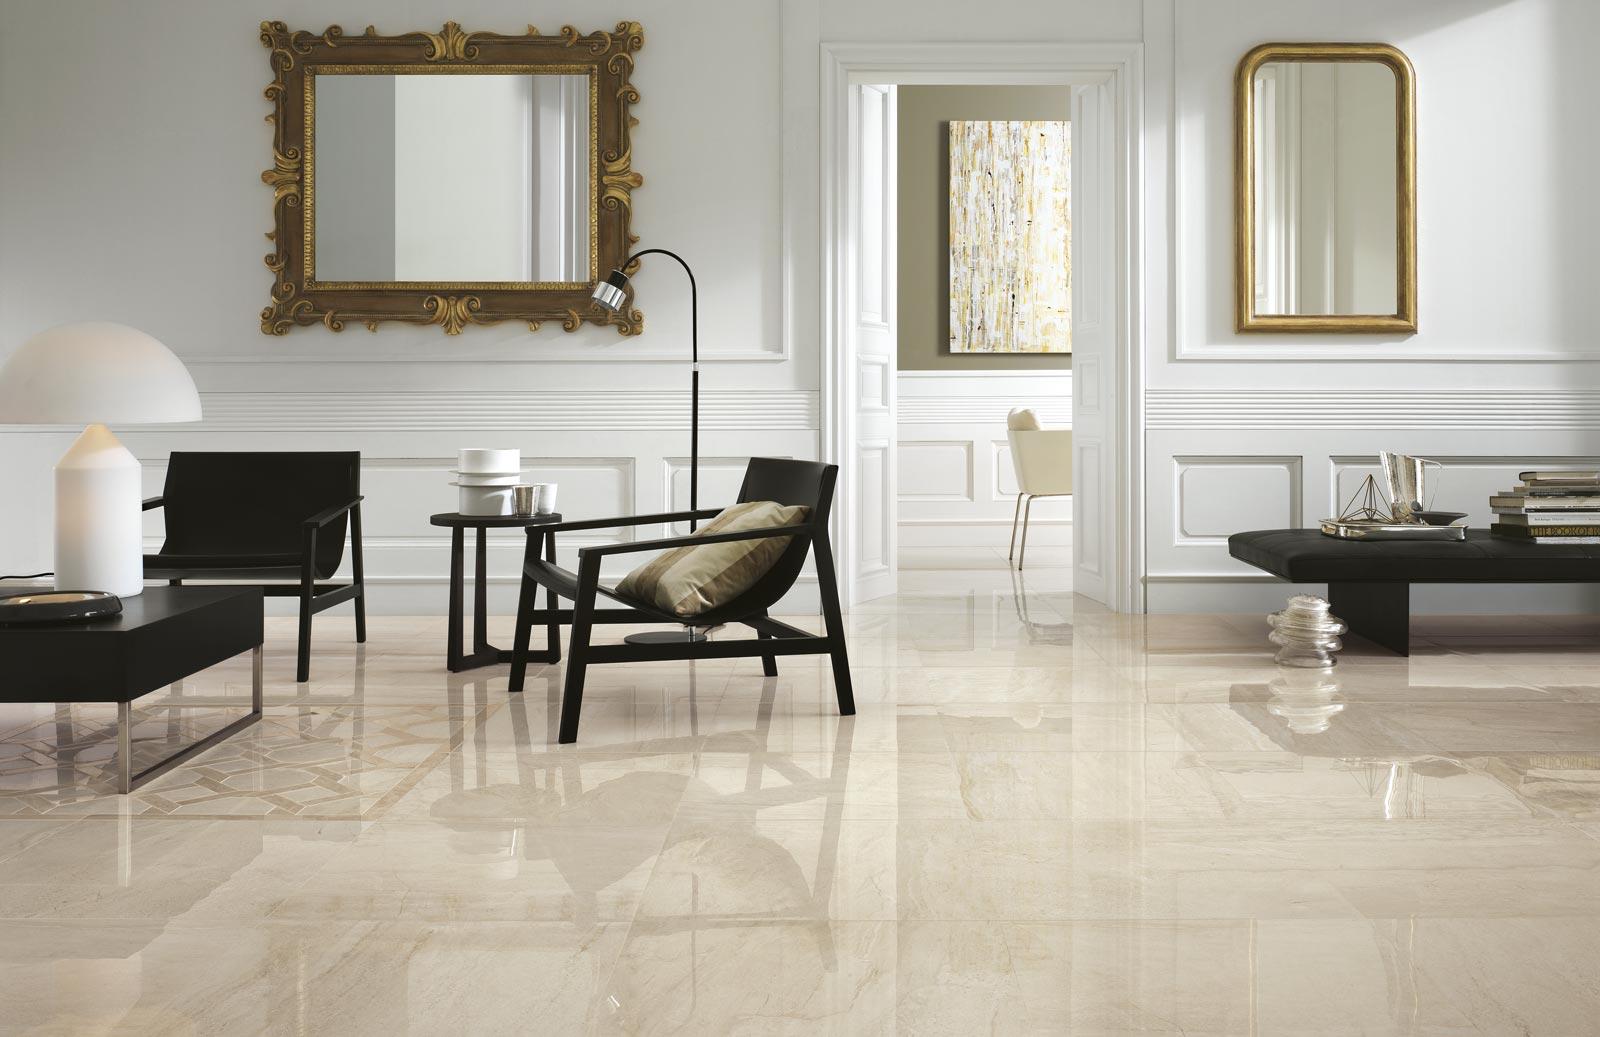 Collezione symphony rivestimenti gres effetto marmo ragno for Piastrelle per salone